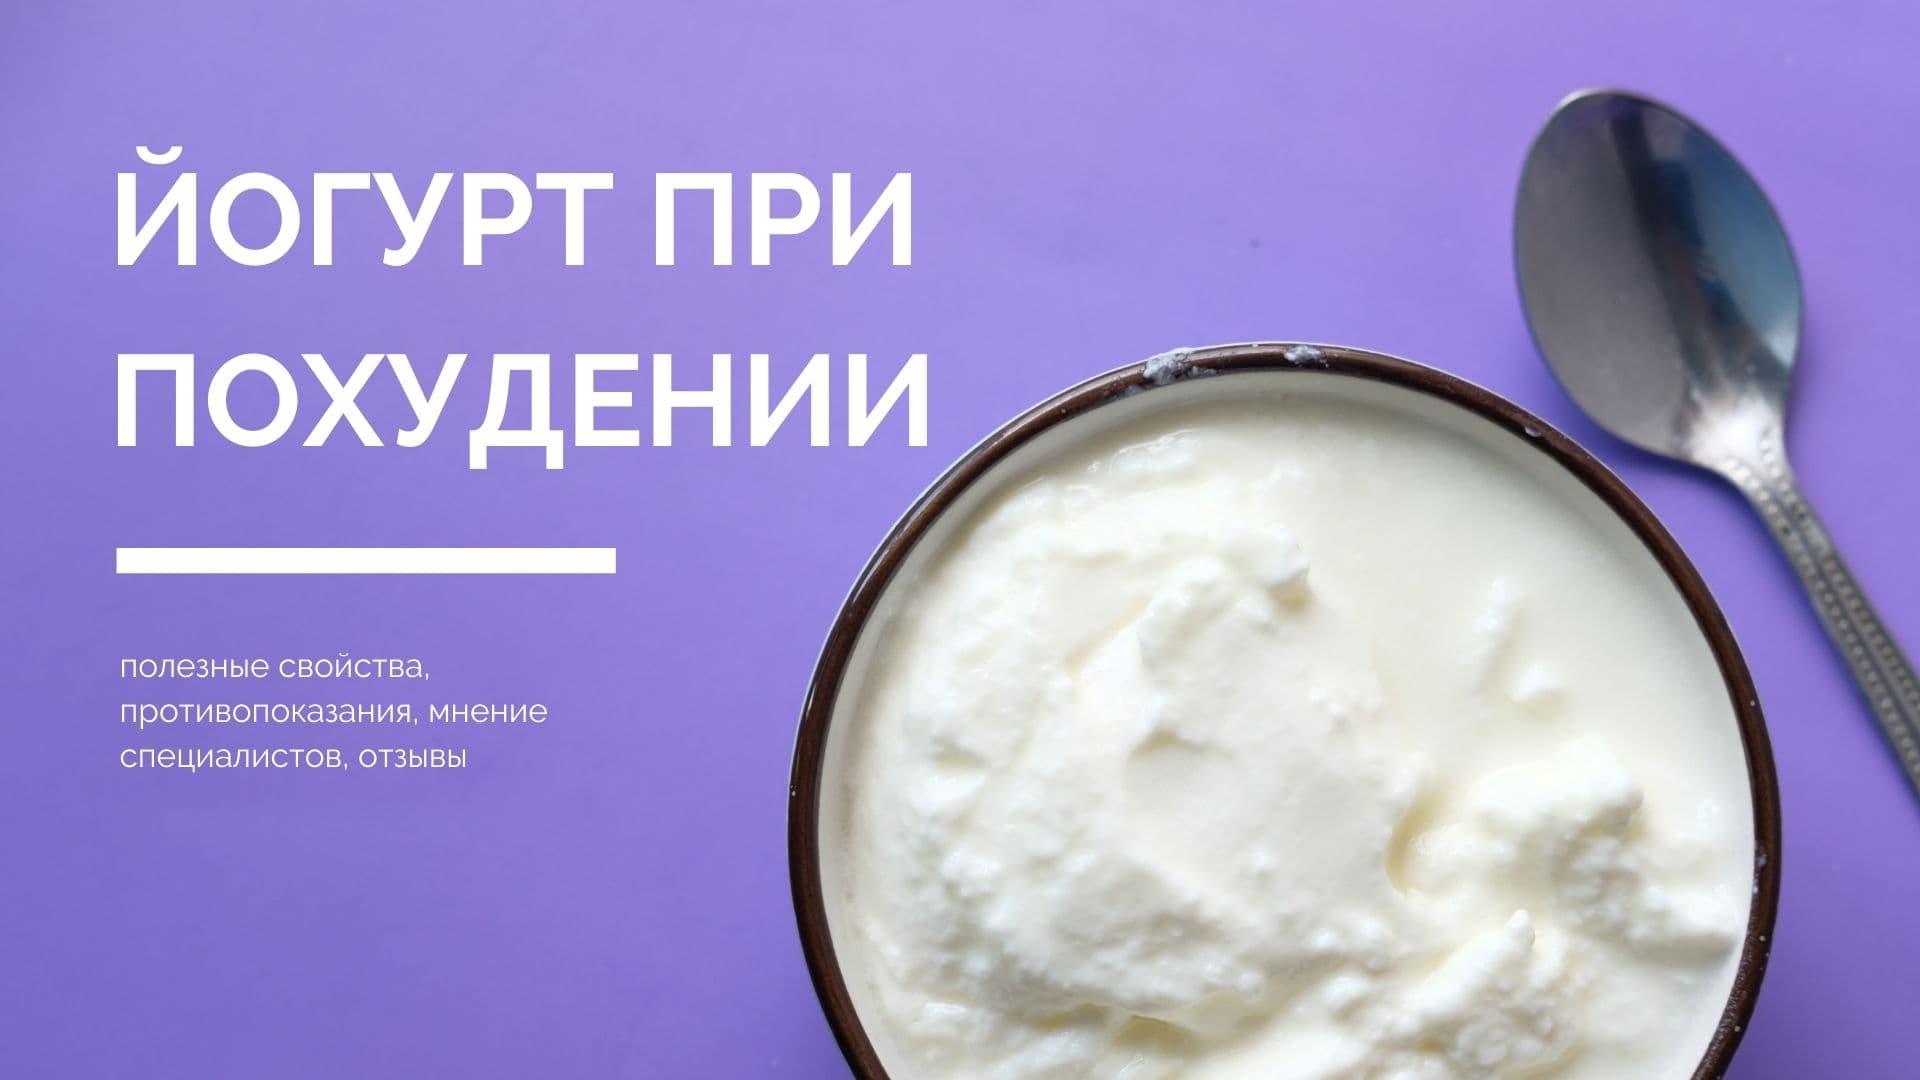 Йогурт при похудении: полезные свойства, противопоказания, мнение специалистов, отзывы